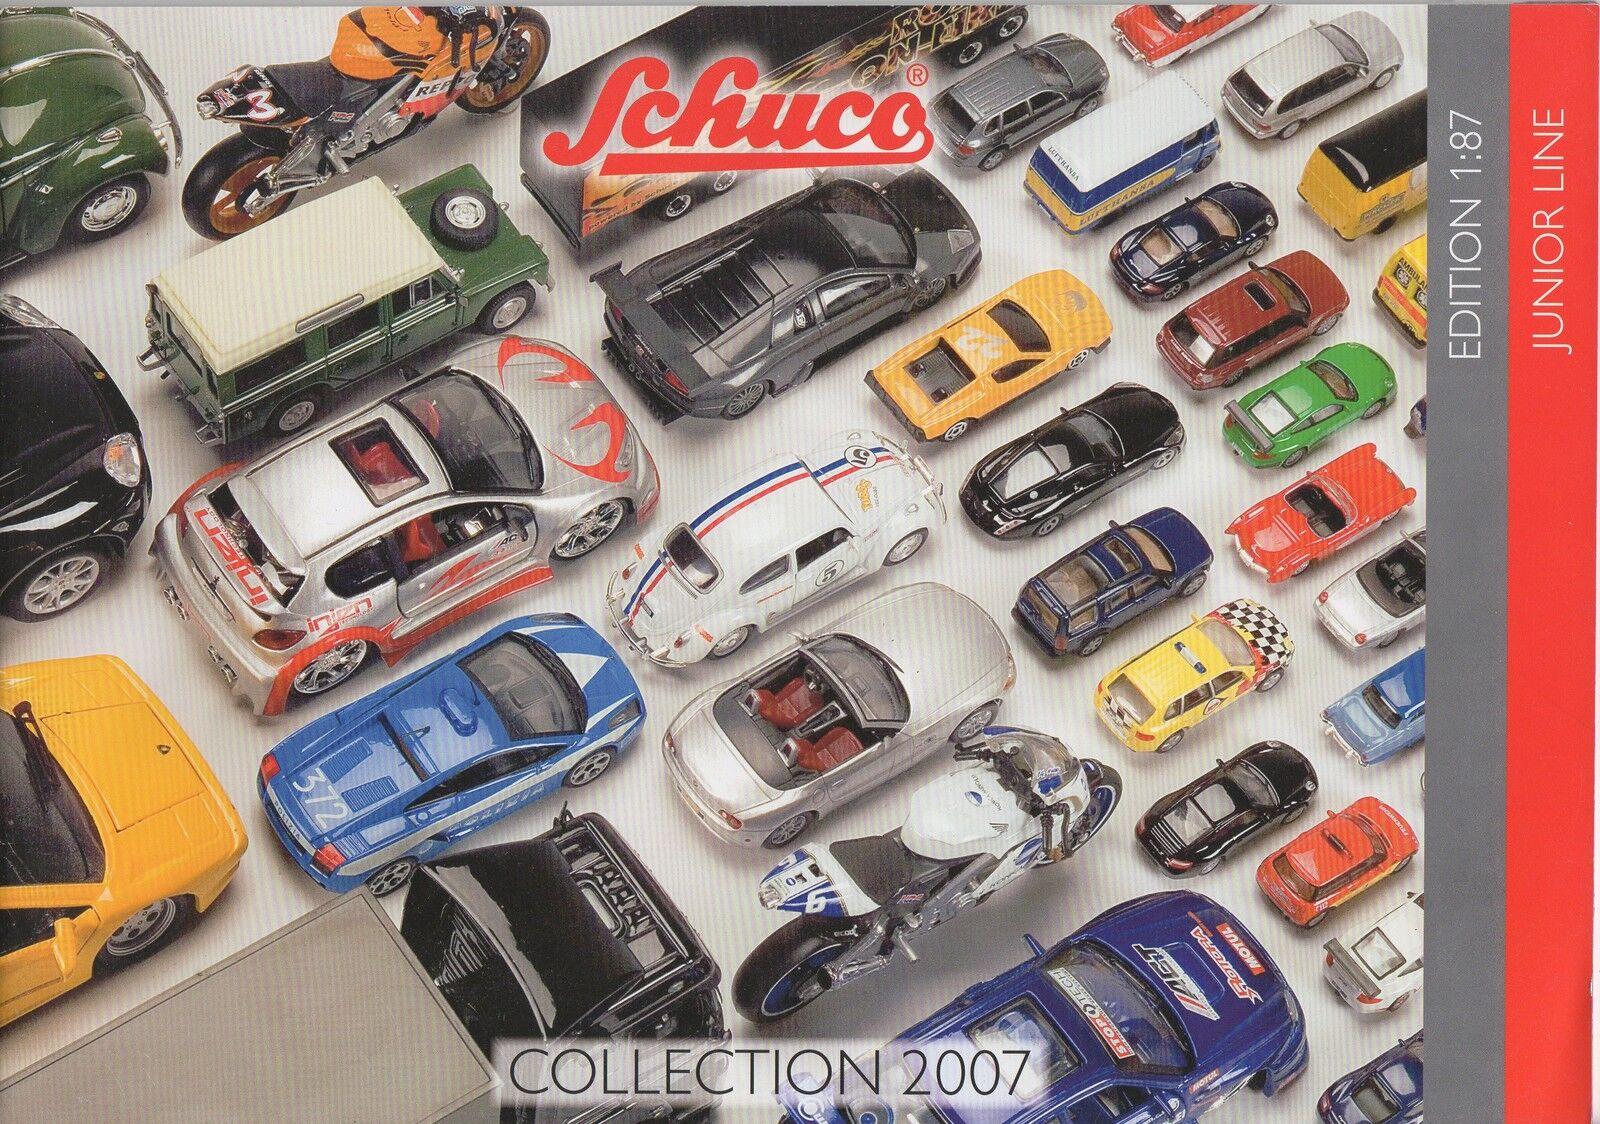 Nachschlagewerk Katalog Junior Line Edition 1:87 Schuco Collection 2007